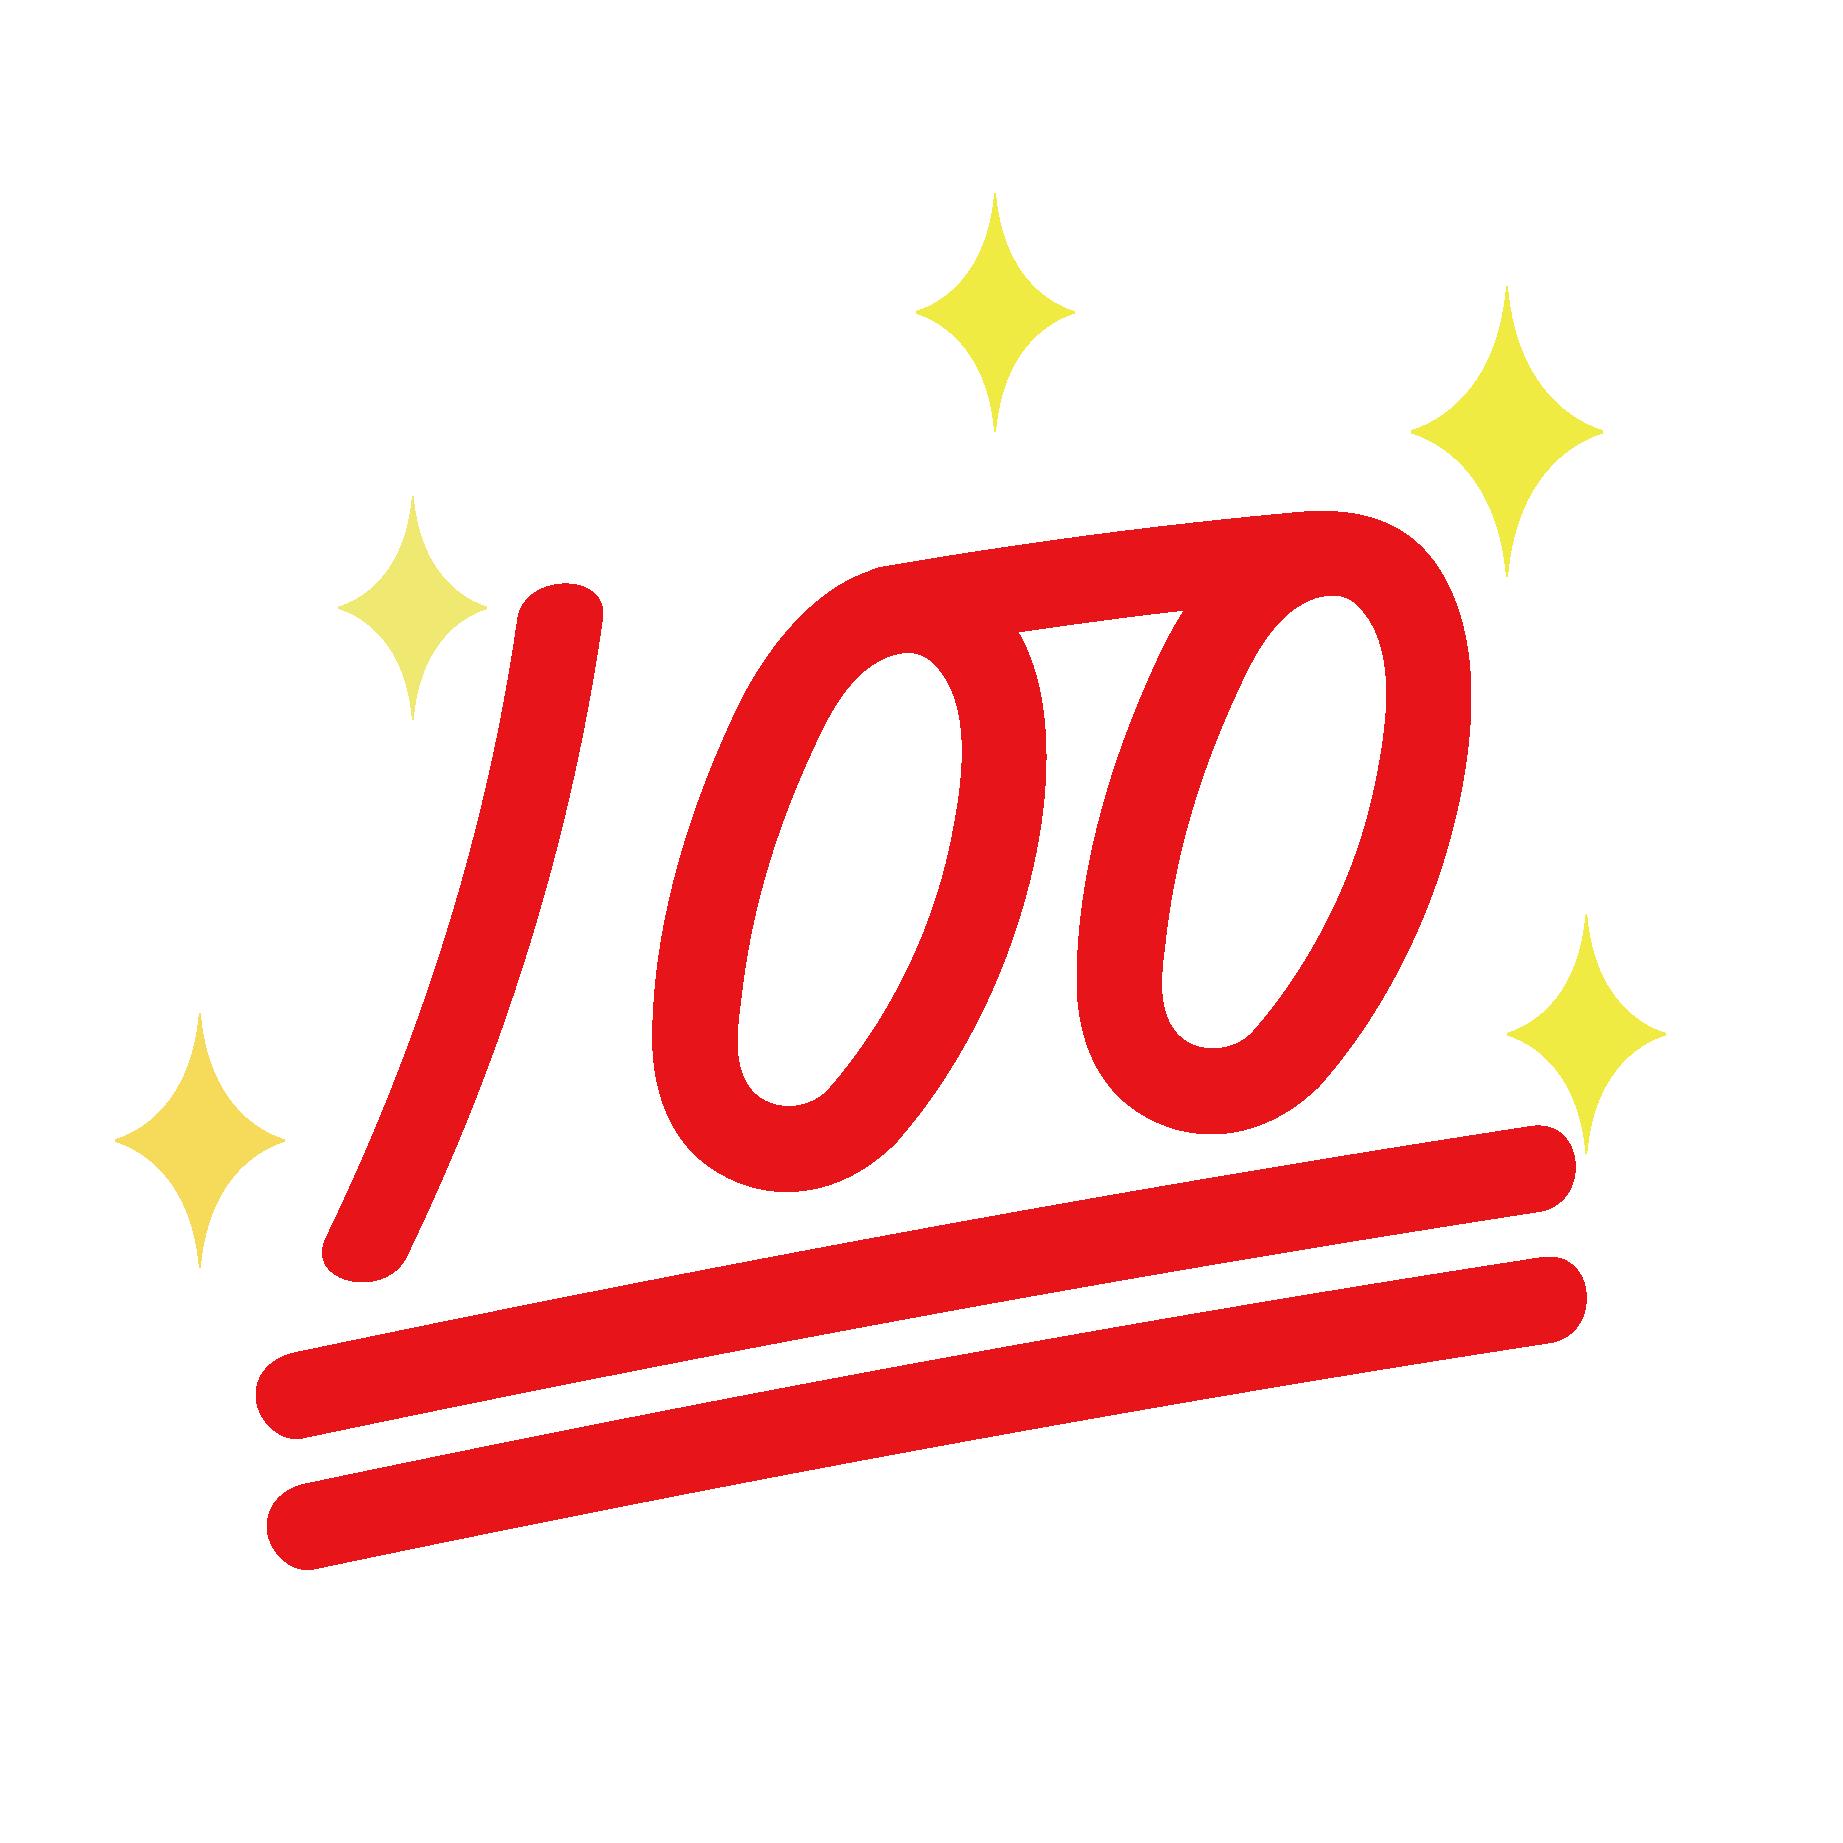 100点(100てん)マークでキラキラの 無料 イラスト